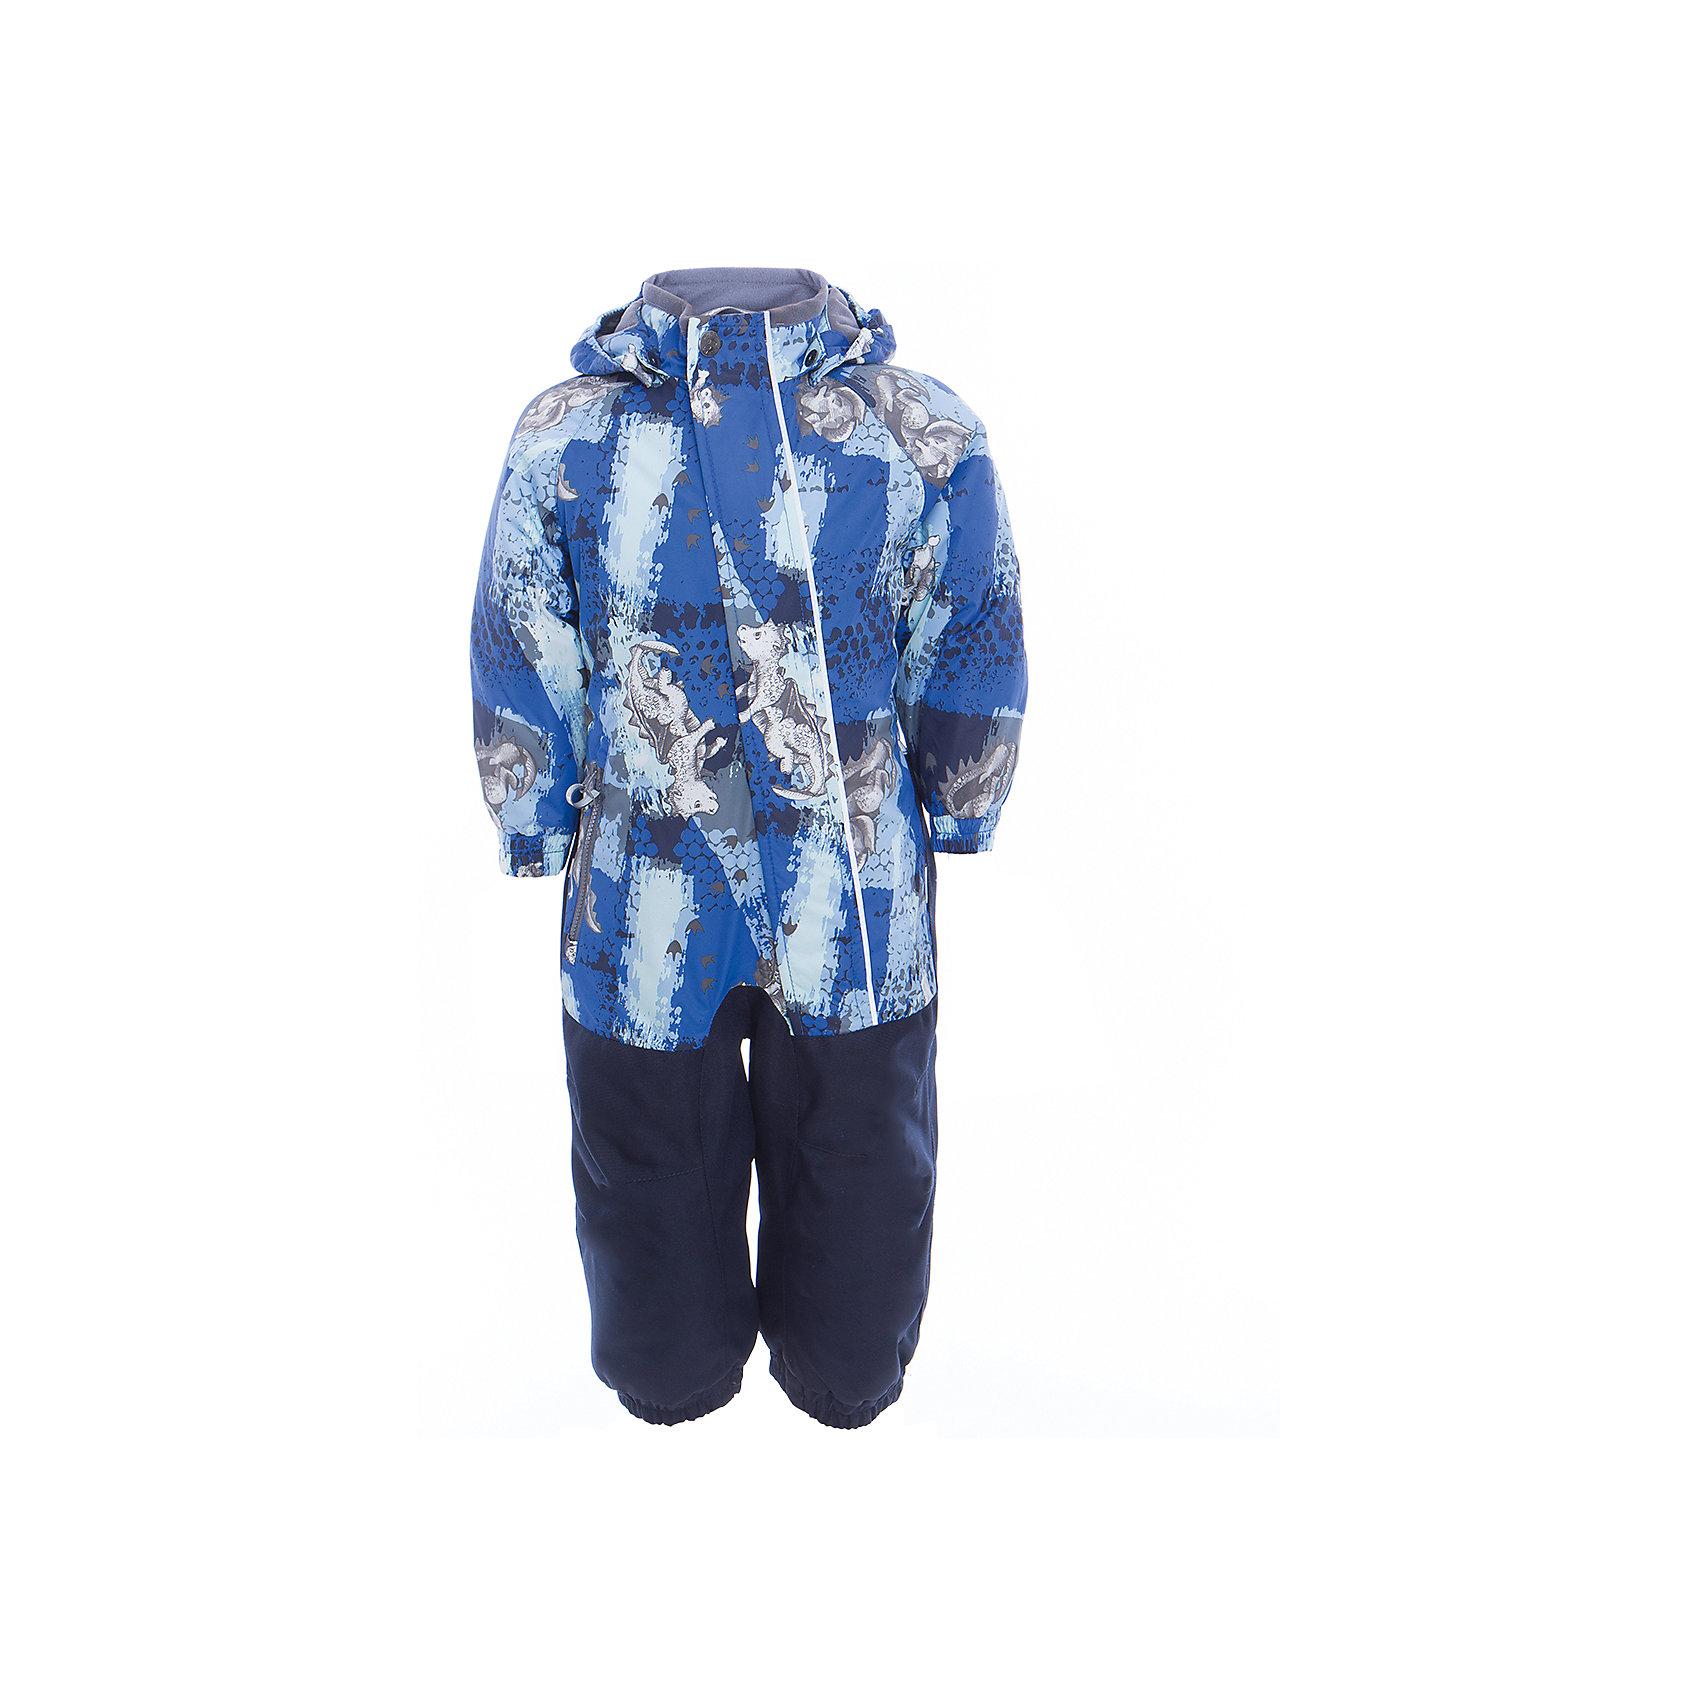 Комбинезон CHRIS для девочки HuppaВерхняя одежда<br>Характеристики товара:<br><br>• цвет: синий принт<br>• ткань: 100% полиэстер<br>• подкладка: тафта, pritex - 100% полиэстер<br>• утеплитель: 100% полиэстер 100 г<br>• температурный режим: от -5°С до +10°С<br>• водонепроницаемость: верх - 5000 мм, низ - 10000 мм<br>• воздухопроницаемость: верх - 5000 мм, низ - 10000 мм<br>• светоотражающие детали<br>• средний задний шов, боковые и внутренние швы проклеены<br>• съёмный капюшон с резинкой<br>• защита подбородка<br>• эластичные манжеты<br>• манжеты брюк с резинкой<br>• съёмные эластичные штрипки<br>• без внутренних швов<br>• коллекция: весна-лето 2017<br>• страна бренда: Эстония<br><br>Этот удобный комбинезон обеспечит детям тепло и комфорт. Он сделан из материала, отталкивающего воду, и дополнен подкладкой с утеплителем, поэтому изделие идеально подходит для межсезонья. Материал изделия - с мембранной технологией: защищая от влаги и ветра, он легко выводит лишнюю влагу наружу. Комбинезон очень симпатично смотрится. <br><br>Одежда и обувь от популярного эстонского бренда Huppa - отличный вариант одеть ребенка можно и комфортно. Вещи, выпускаемые компанией, качественные, продуманные и очень удобные. Для производства изделий используются только безопасные для детей материалы. Продукция от Huppa порадует и детей, и их родителей!<br><br>Комбинезон GOLDEN от бренда Huppa (Хуппа) можно купить в нашем интернет-магазине.<br><br>Ширина мм: 356<br>Глубина мм: 10<br>Высота мм: 245<br>Вес г: 519<br>Цвет: синий<br>Возраст от месяцев: 36<br>Возраст до месяцев: 48<br>Пол: Мужской<br>Возраст: Детский<br>Размер: 104,80,86,92,98<br>SKU: 5346542